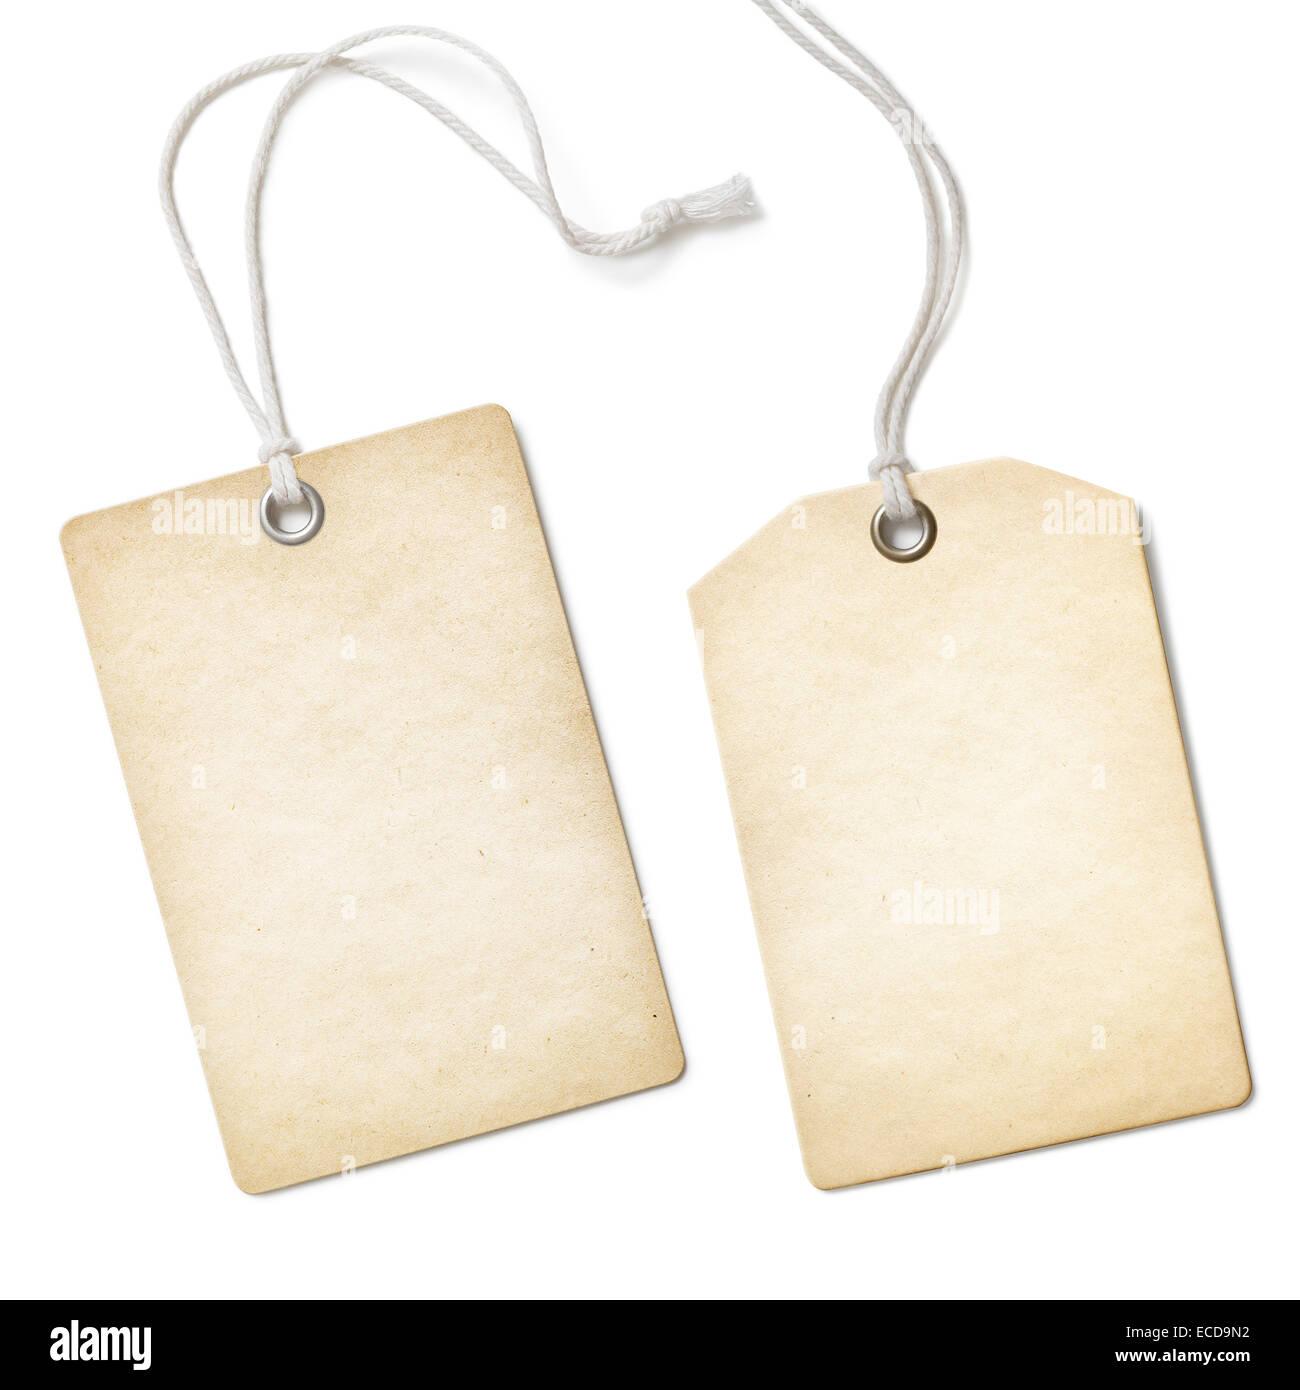 Leere alte Papier Tuch-Tag oder Aufkleber Satz isoliert auf weiss Stockbild